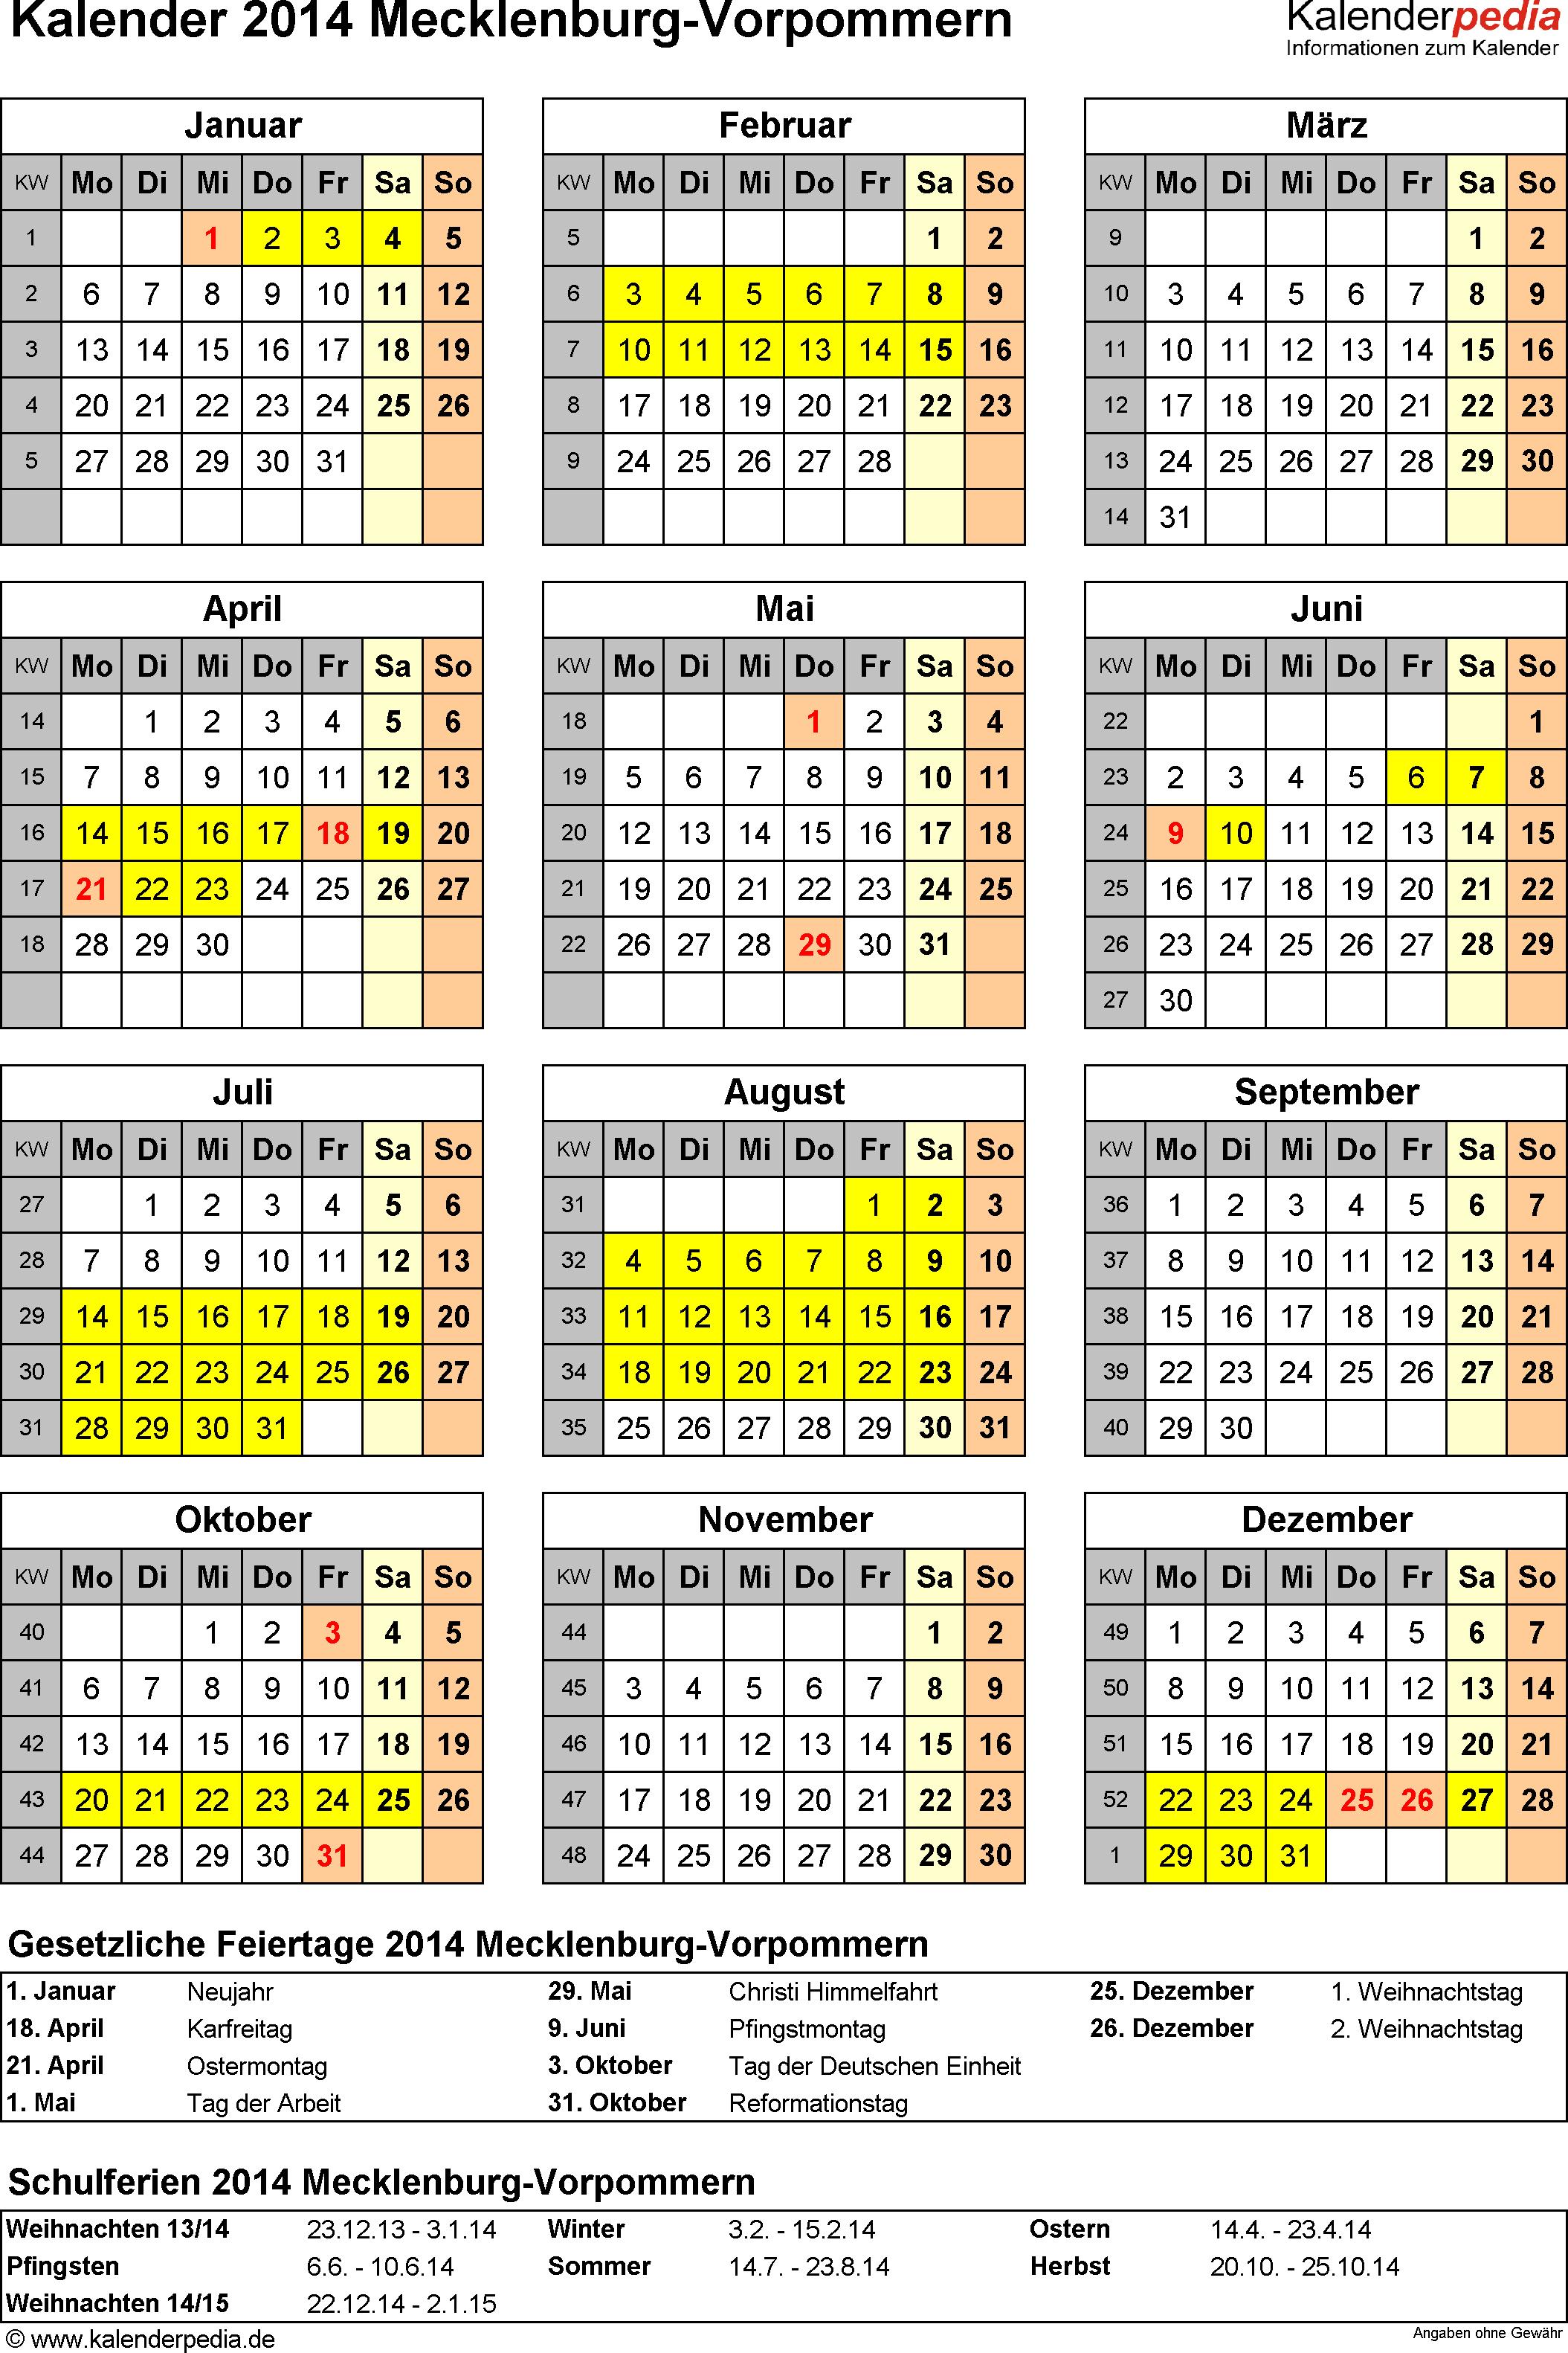 Vorlage 4: Kalender Mecklenburg-Vorpommern 2014 als Word-Vorlage (Hochformat)